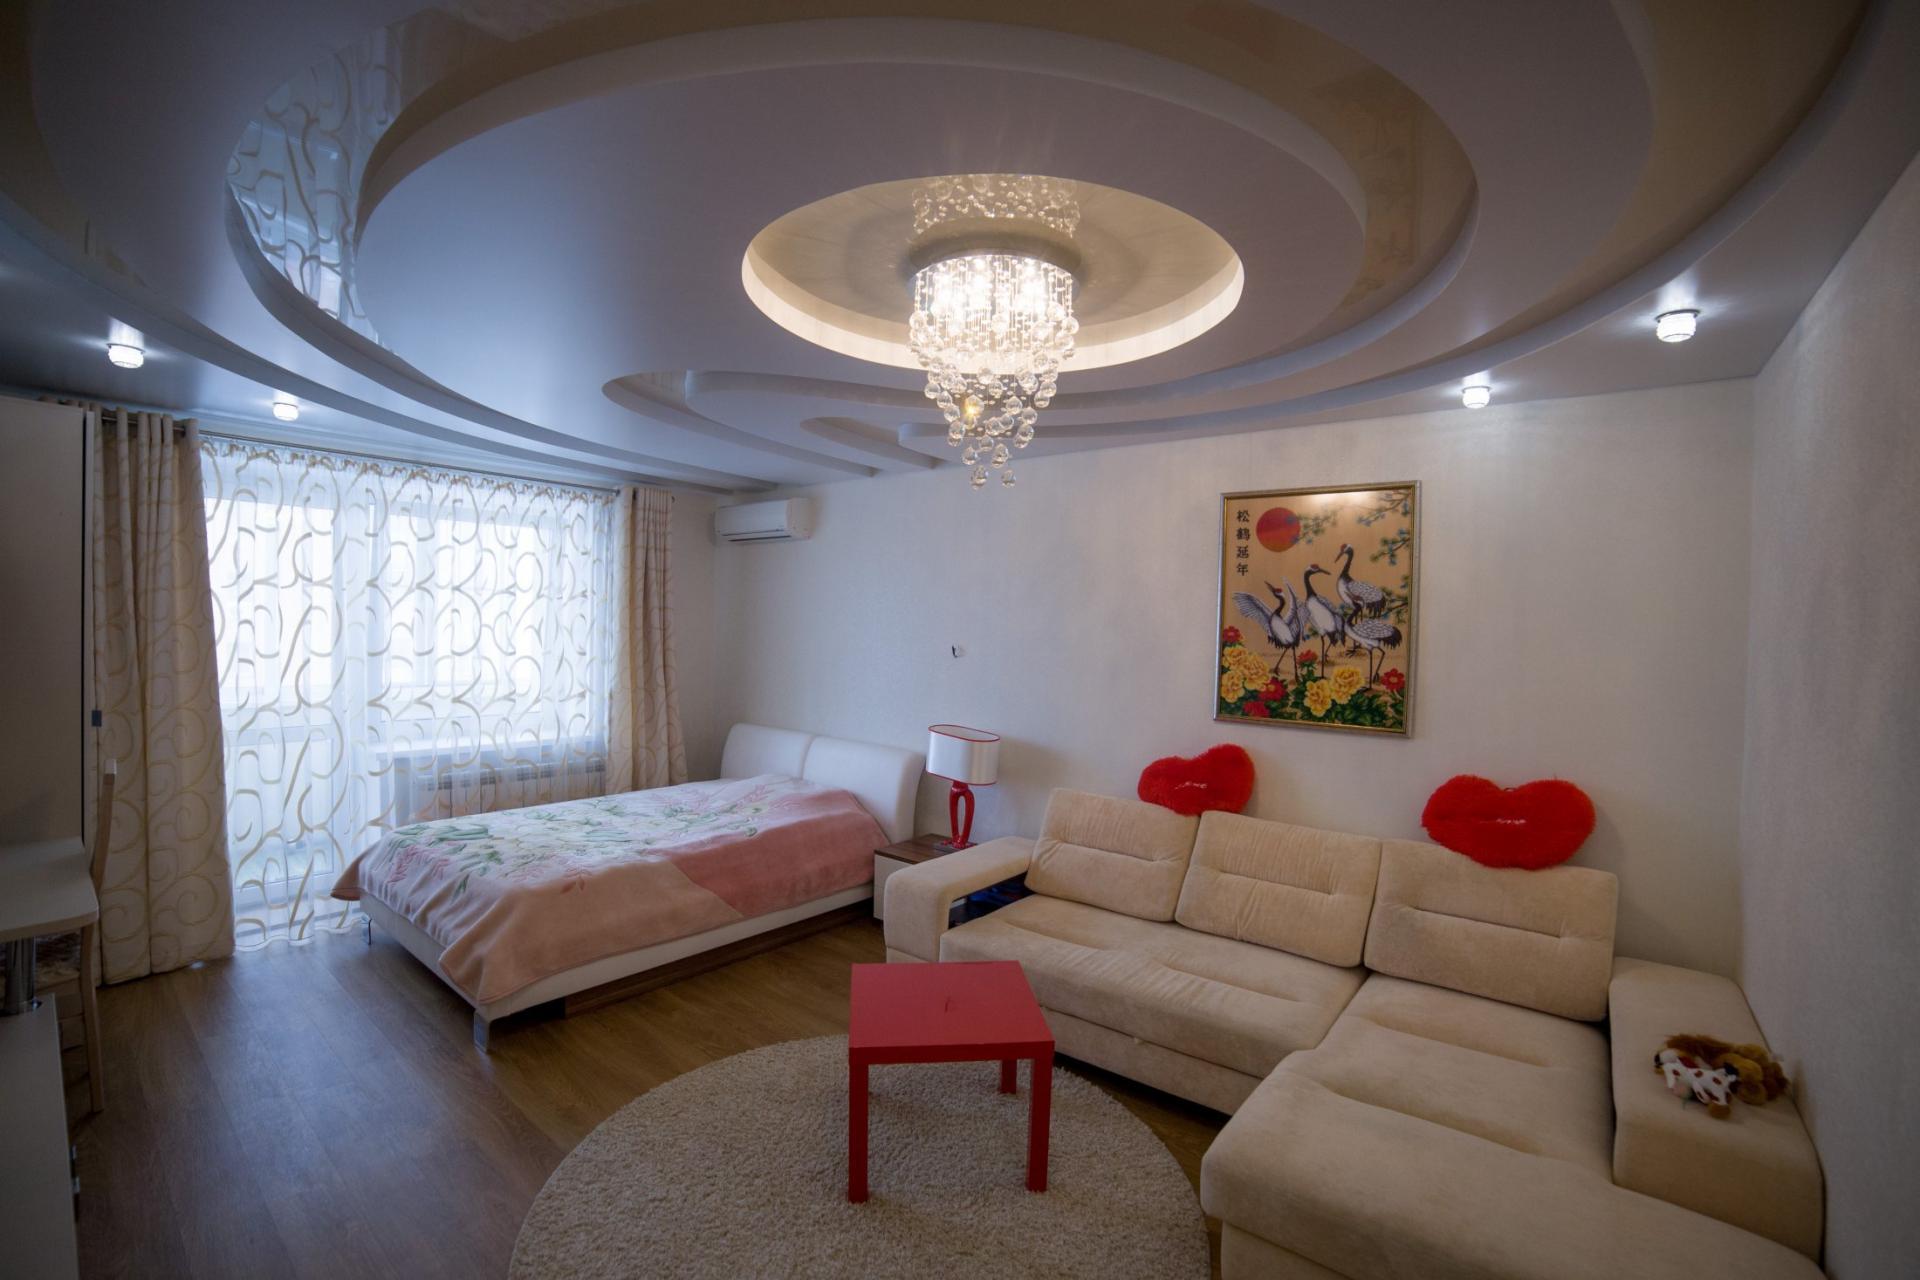 фото квартир с натяжными потолками москва